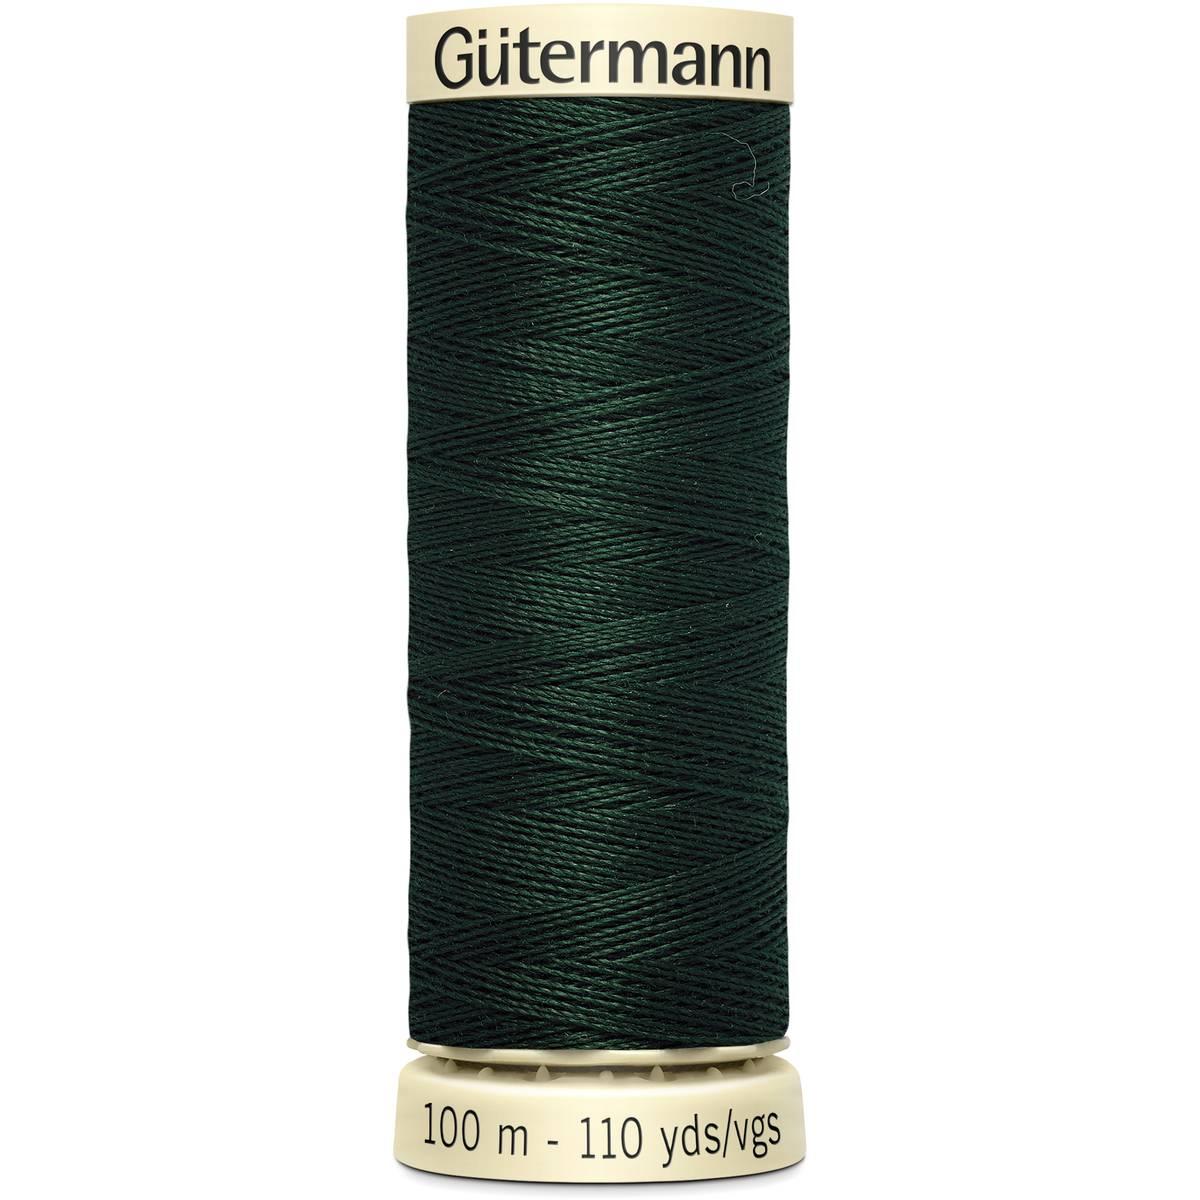 חוט תפירה גוטרמן - Green 472